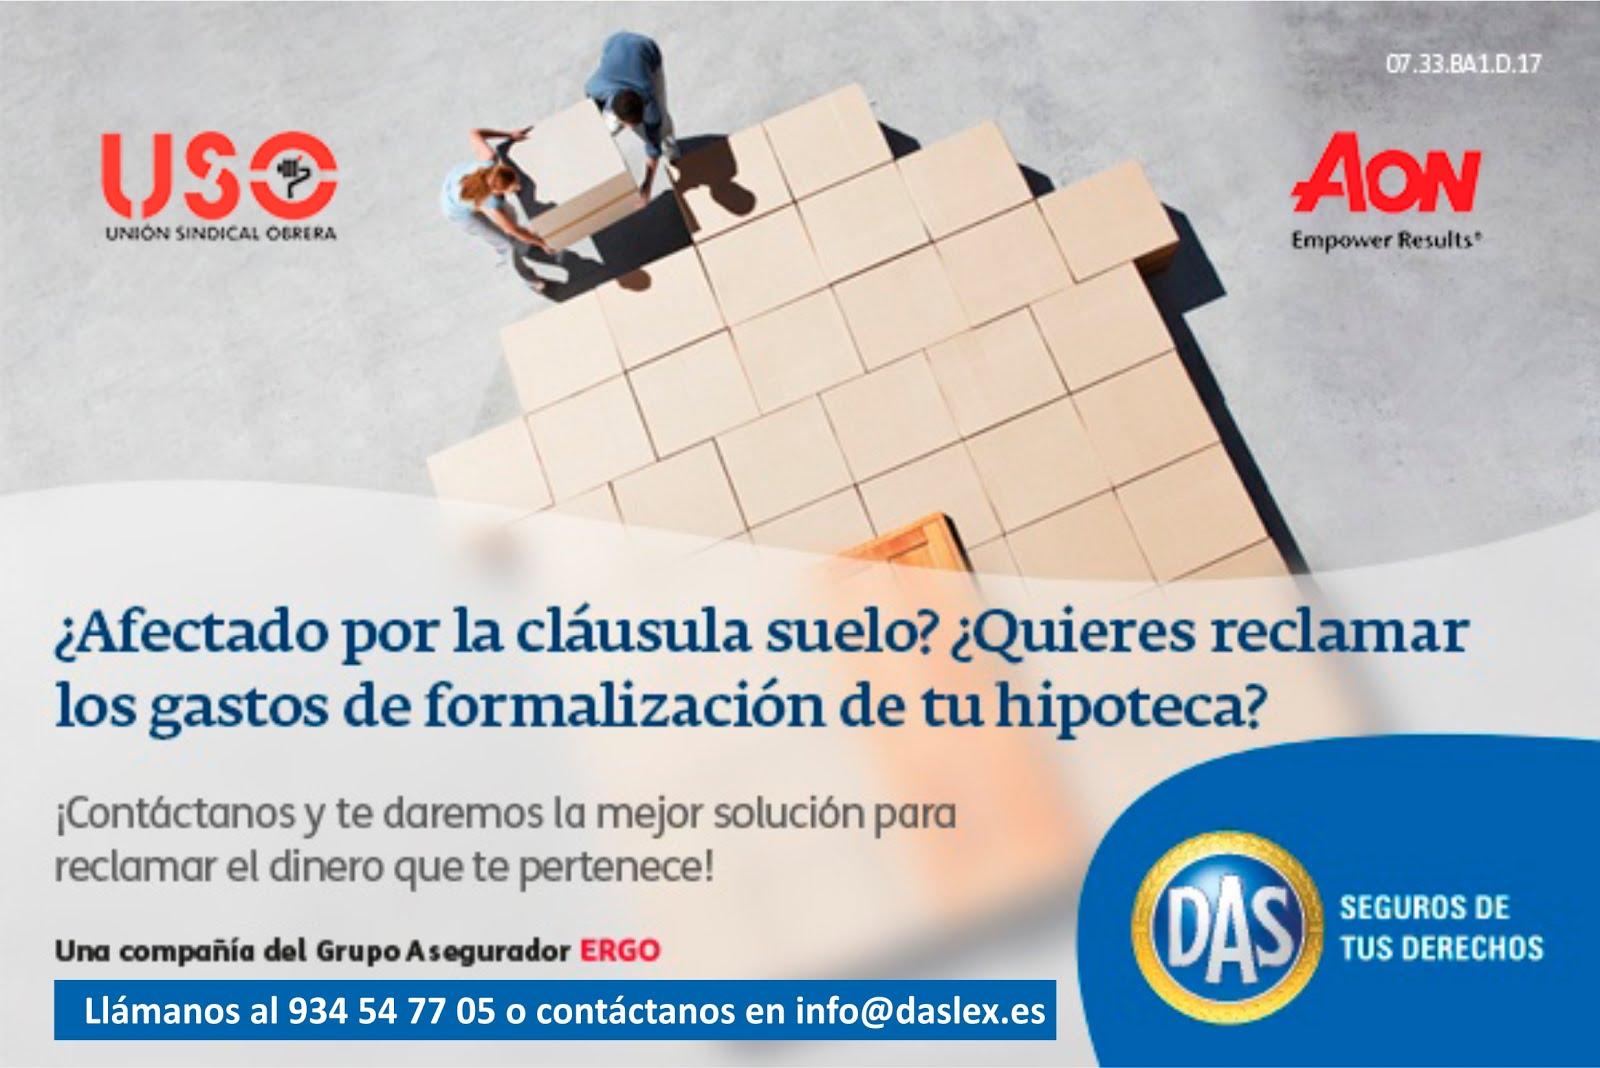 NUEVO SERVICIO JURIDICO PARA AFILIADOS/AS A USO. (RECLAMACION CLAUSULAS SUELO YGASTOS DE HIPOTECA).